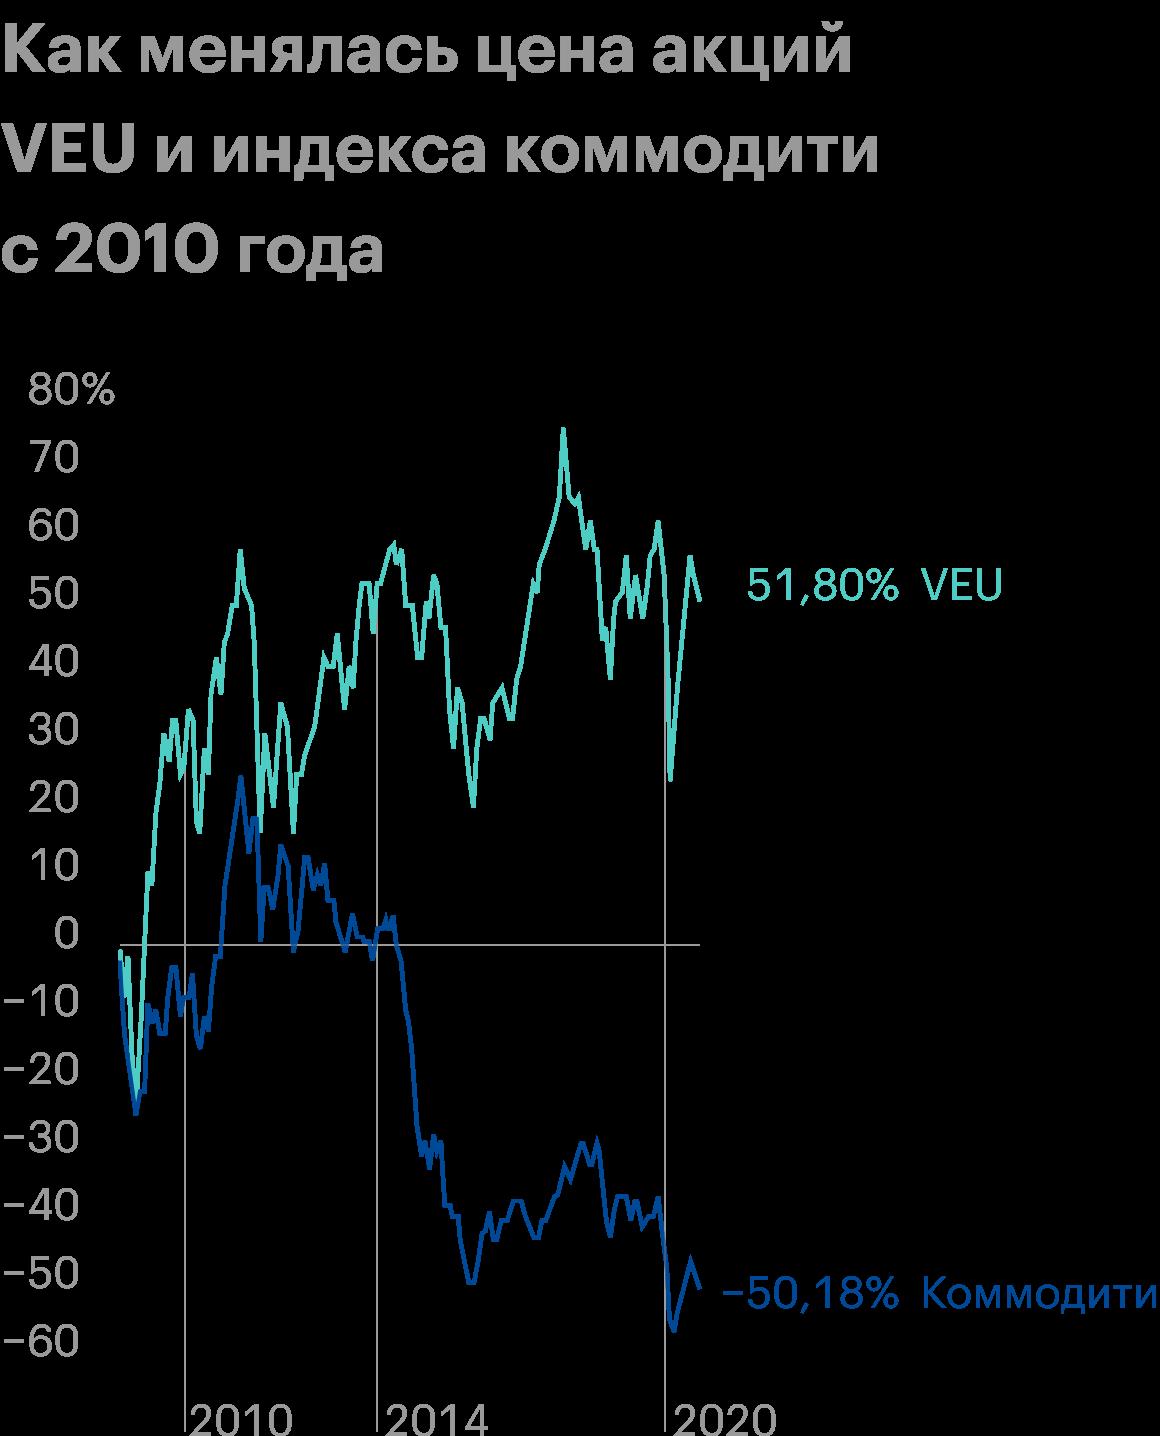 Наблюдается тесная корреляция. Коммодити явно тянут фонд VEU вниз. Источник: TradingView